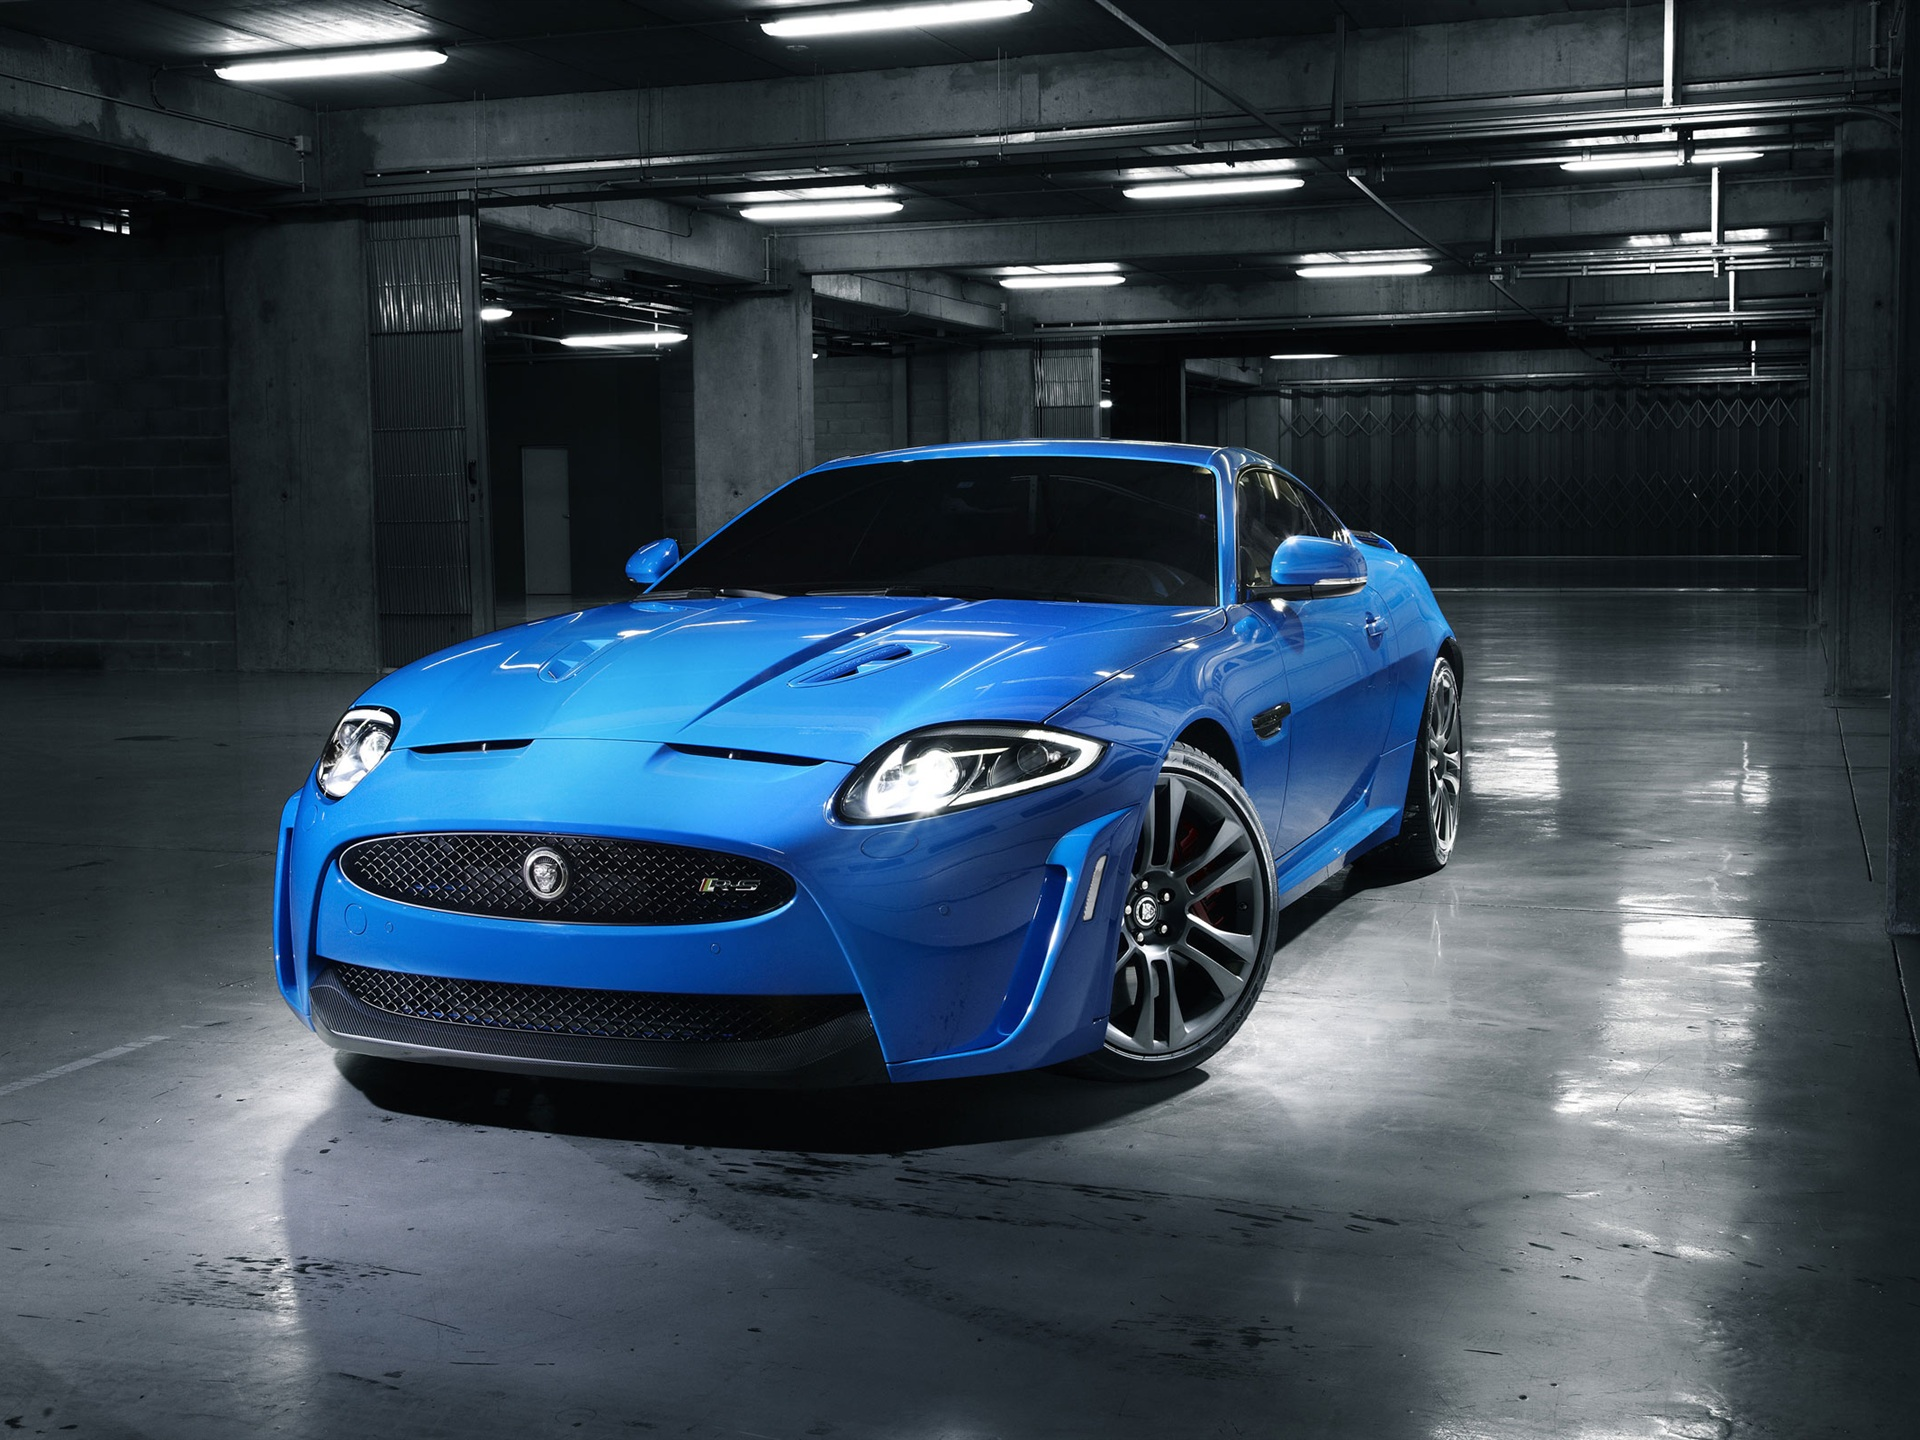 ジャガー青い車 壁紙 - 1920x1440   ジャガー青い車 壁紙